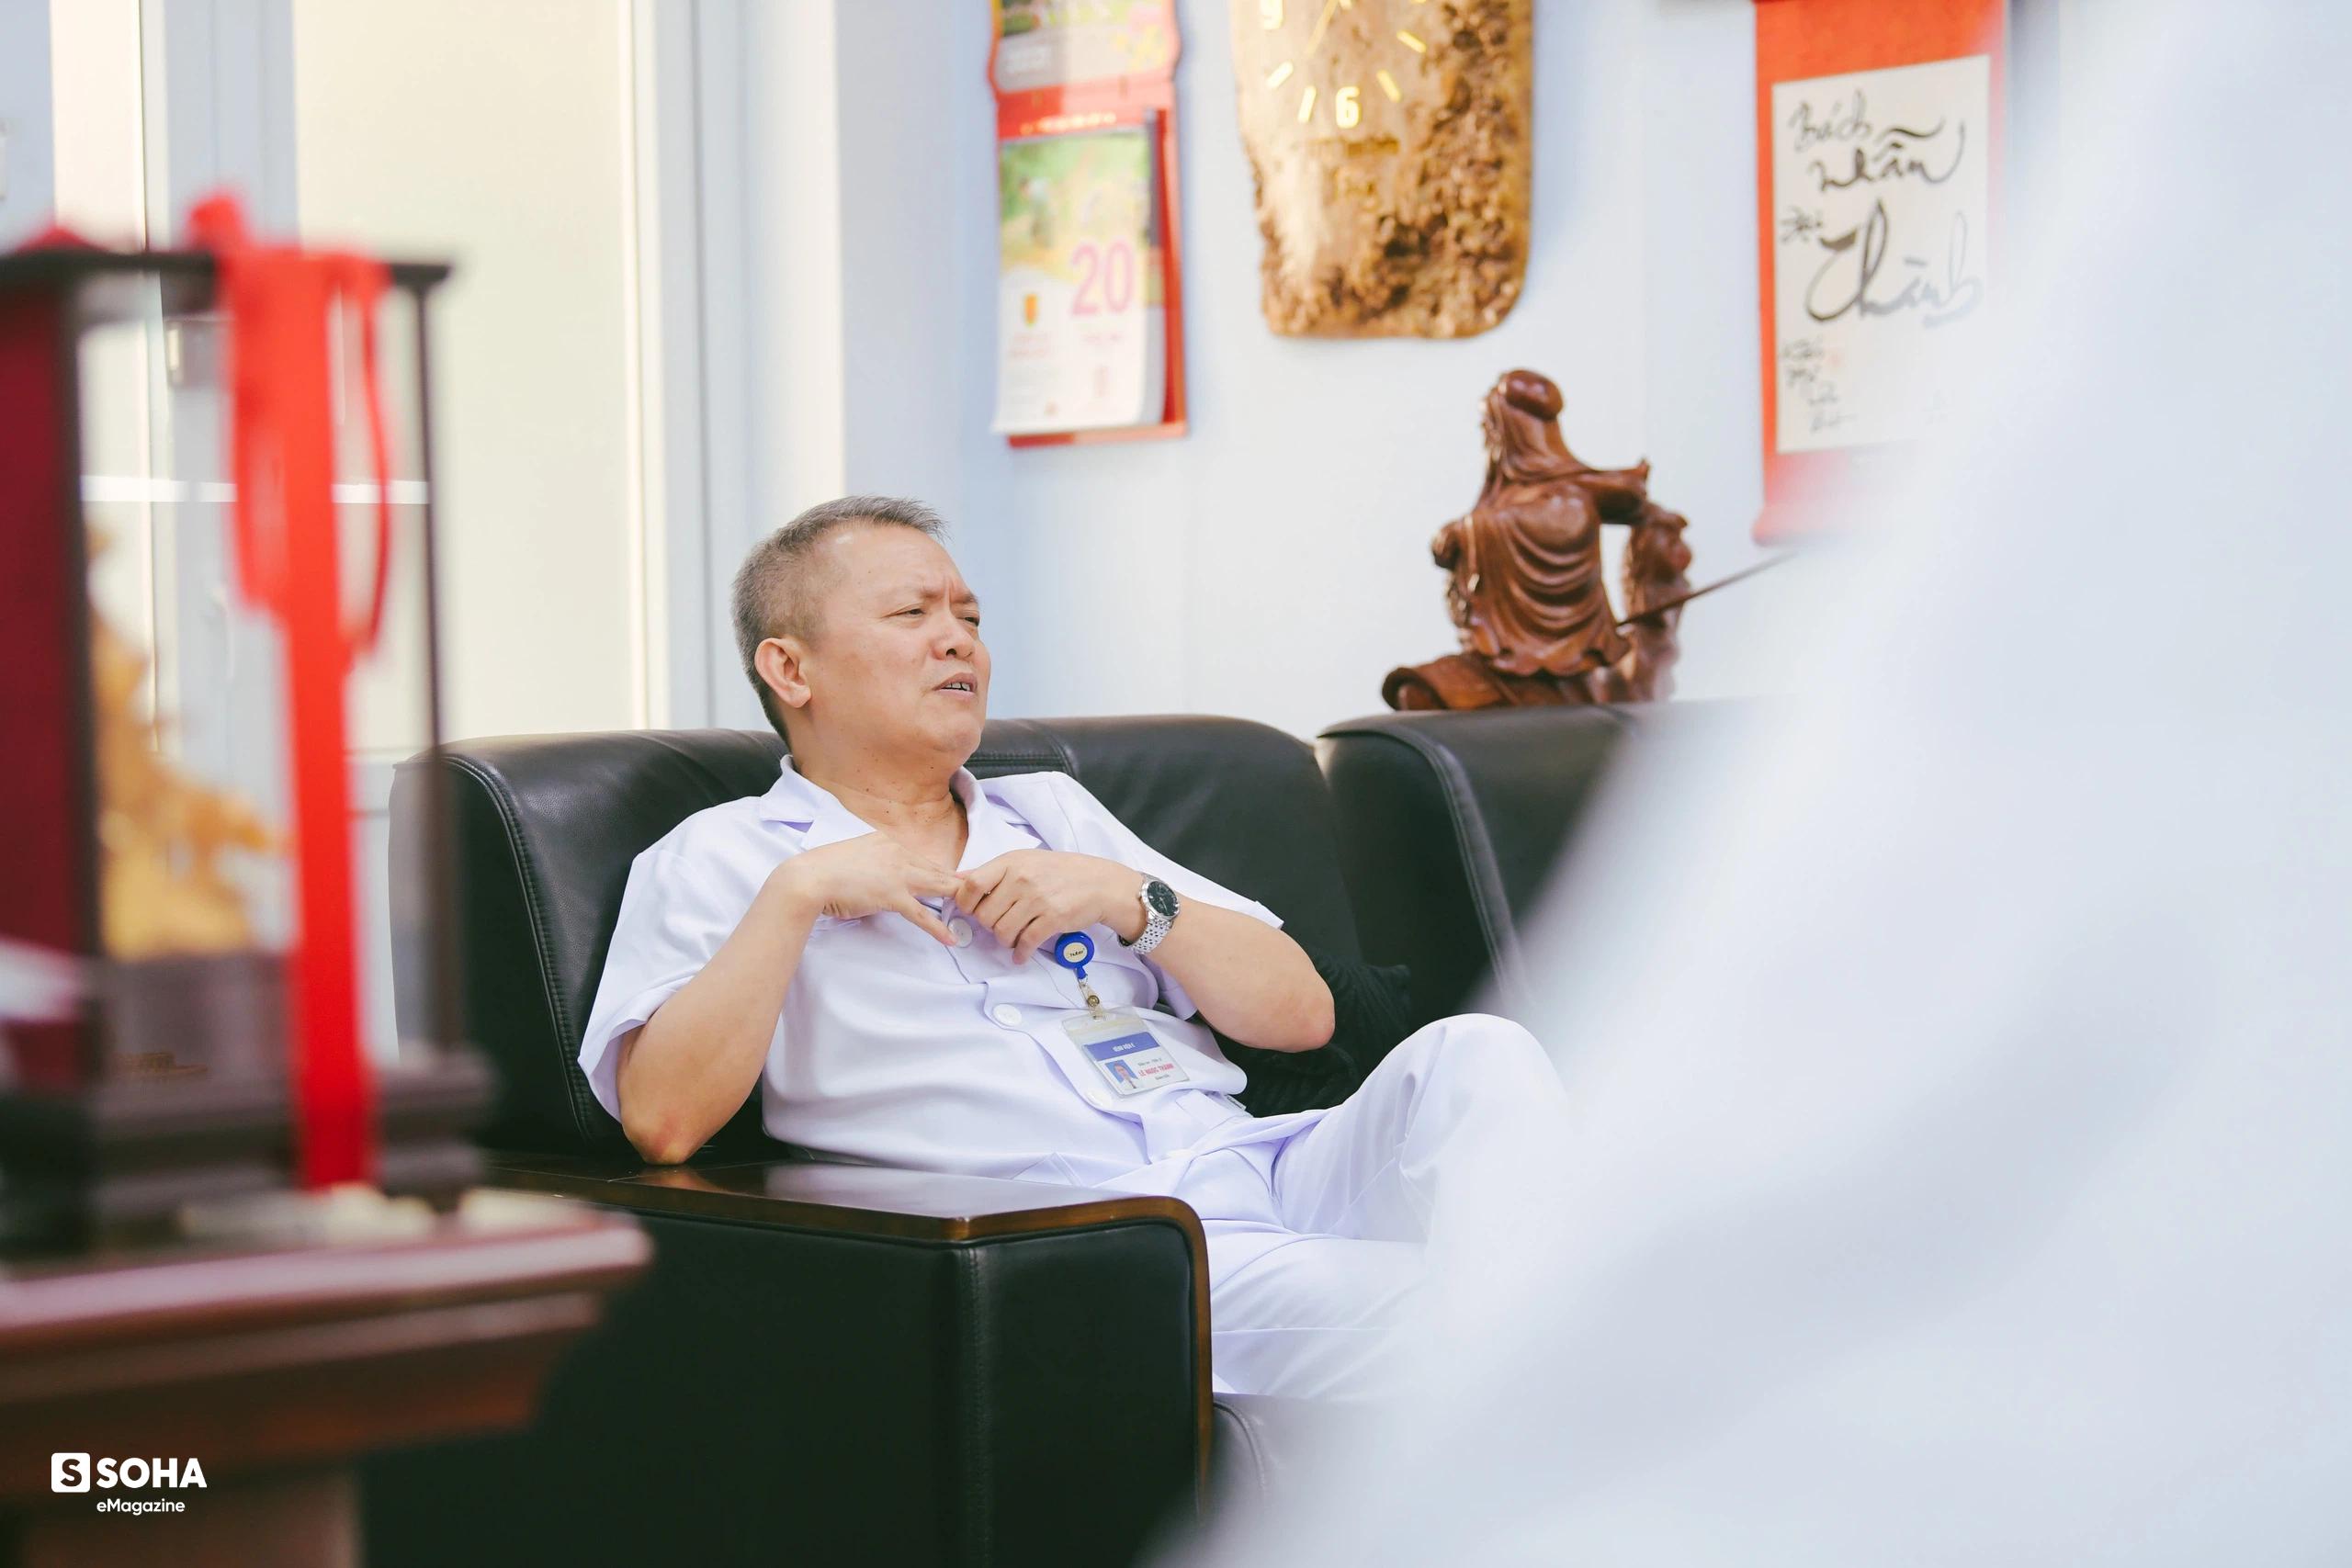 Vị trưởng khoa đầu tiên của Việt Đức bỏ bệnh viện lớn về bệnh viện quê và cuộc cải tổ khiến ngành y kinh ngạc - Ảnh 13.